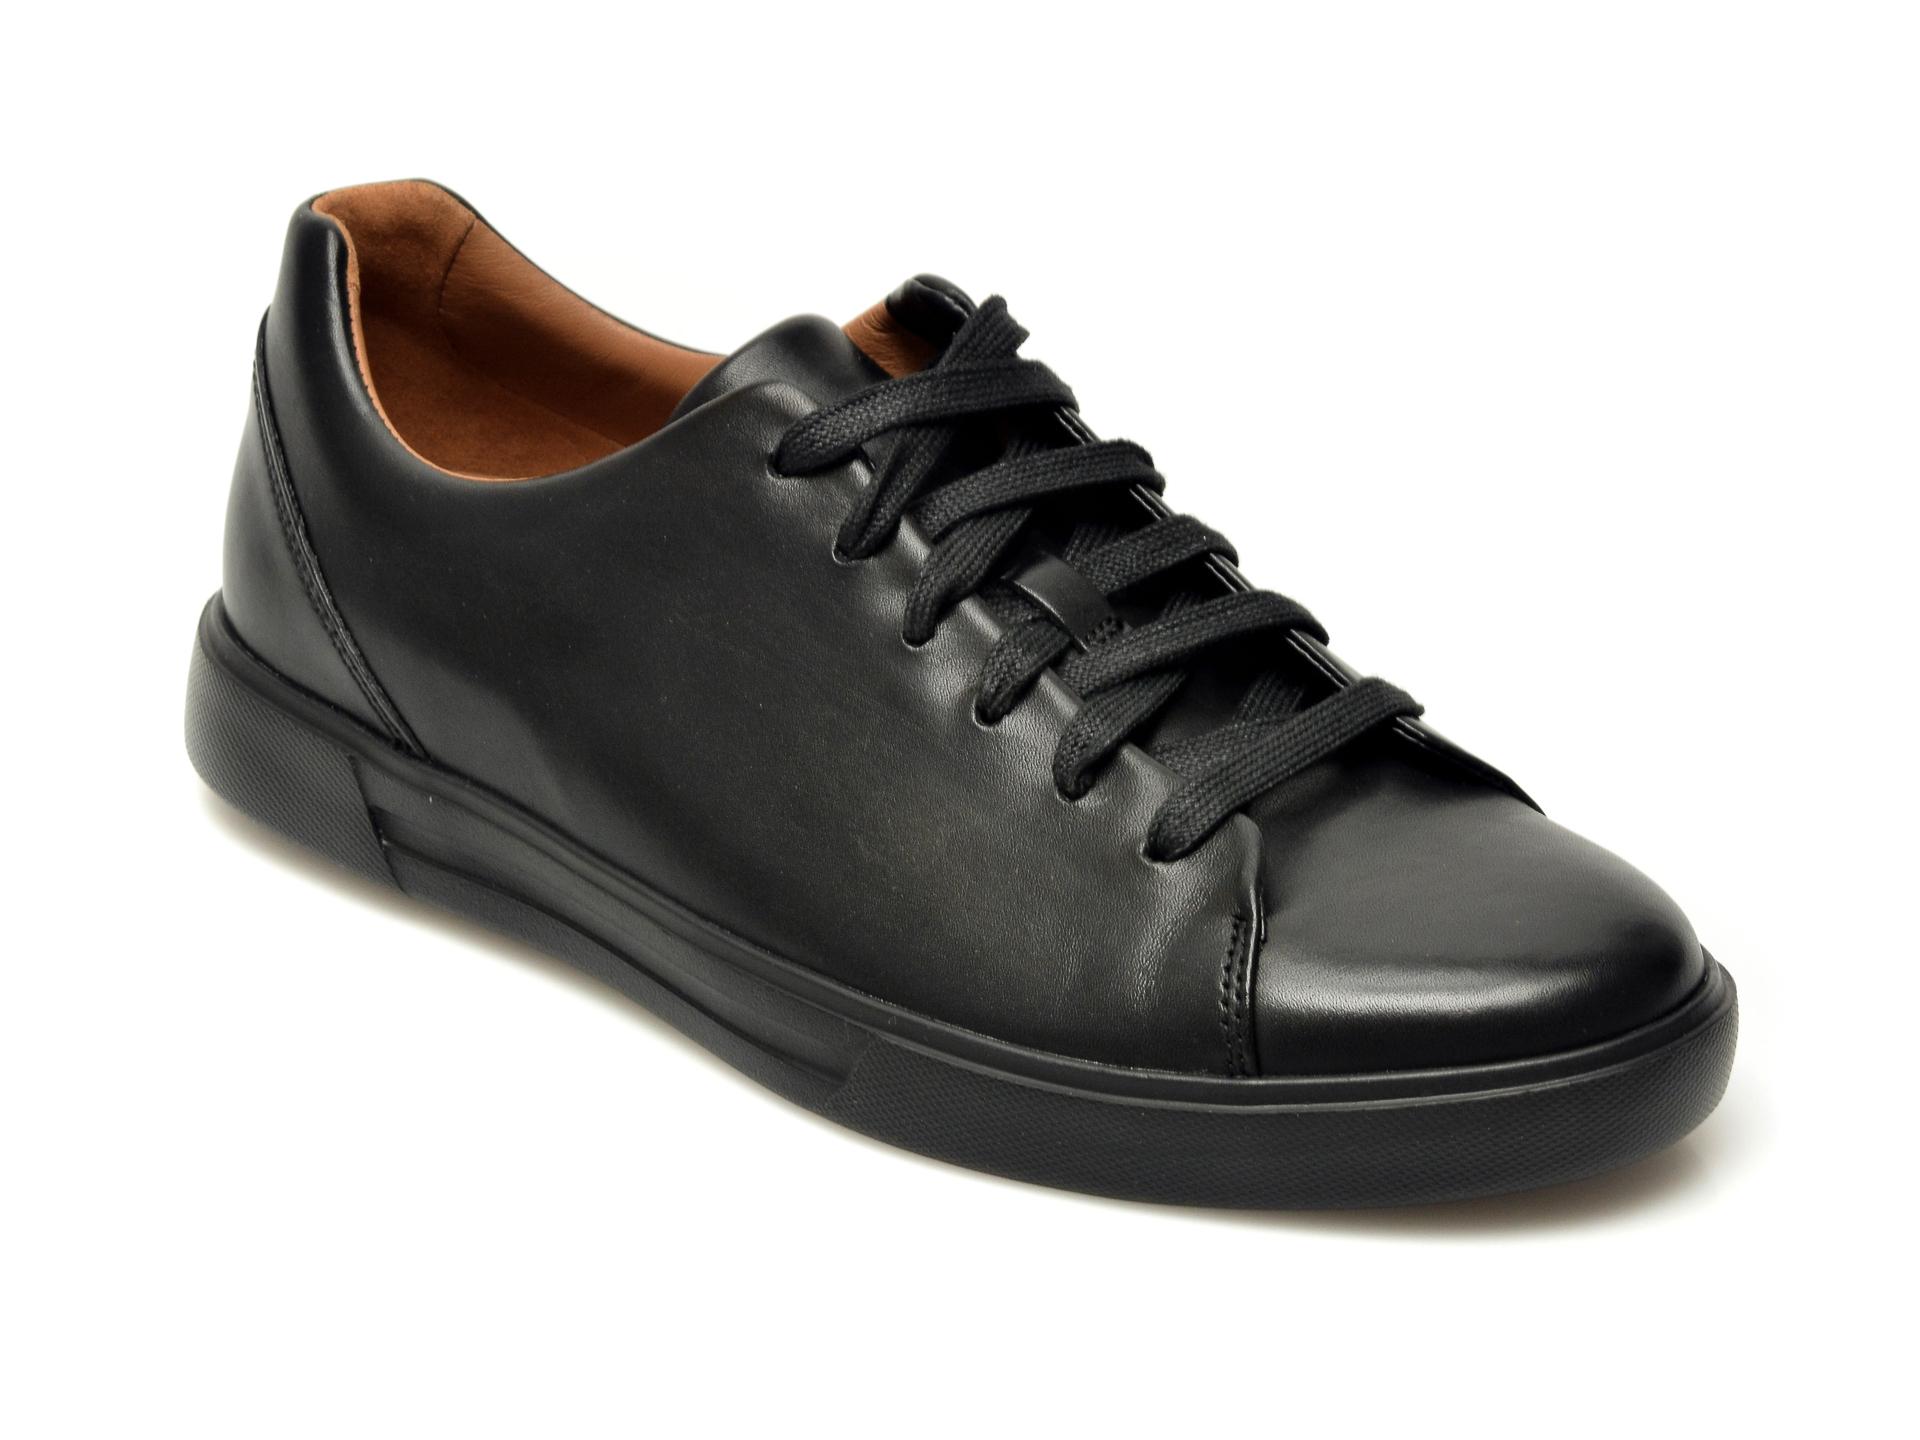 Pantofi CLARKS negri, Un Costa Lace, din piele naturala imagine